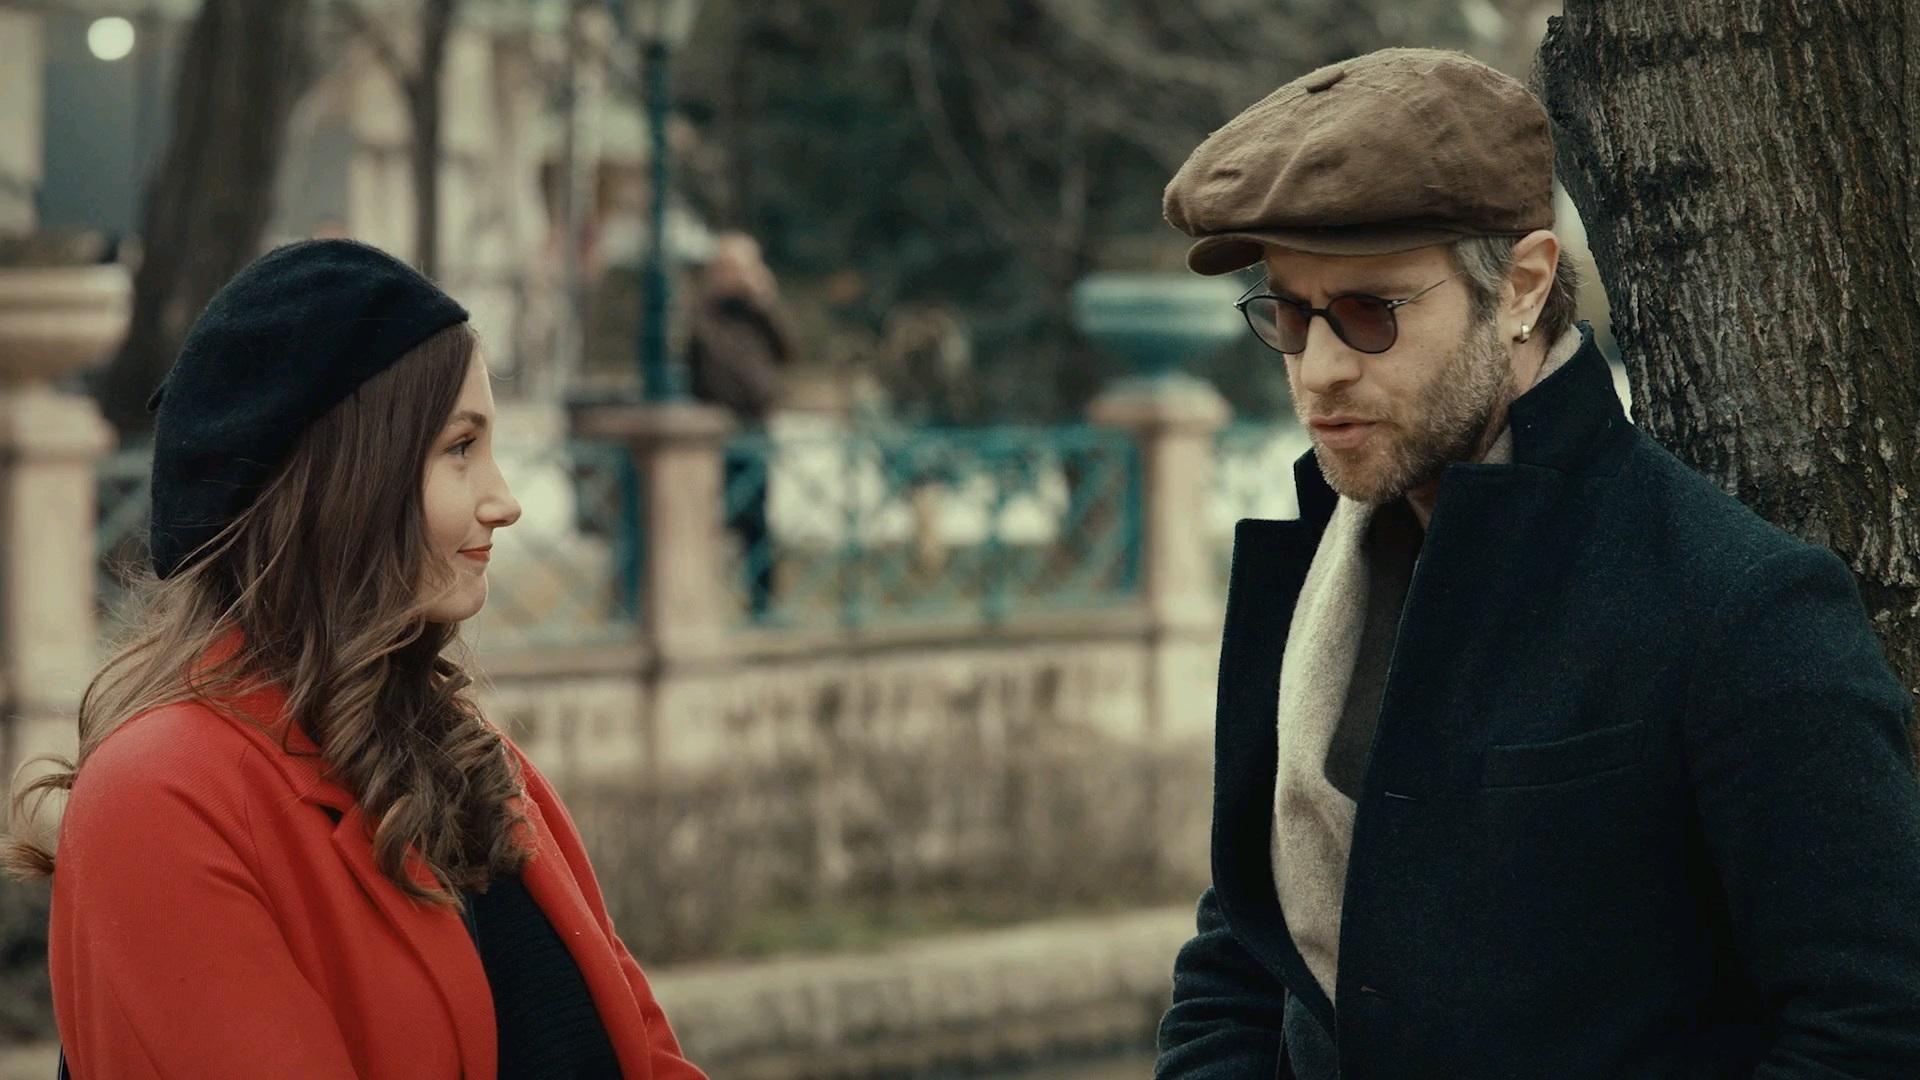 Masallardan Geriye Kalan | 2020 | Yerli Film | NF | WEB-DL | XviD | Sansürsüz | 720p - 1080p - m720p - m1080p | WEB-DL | Tek Link